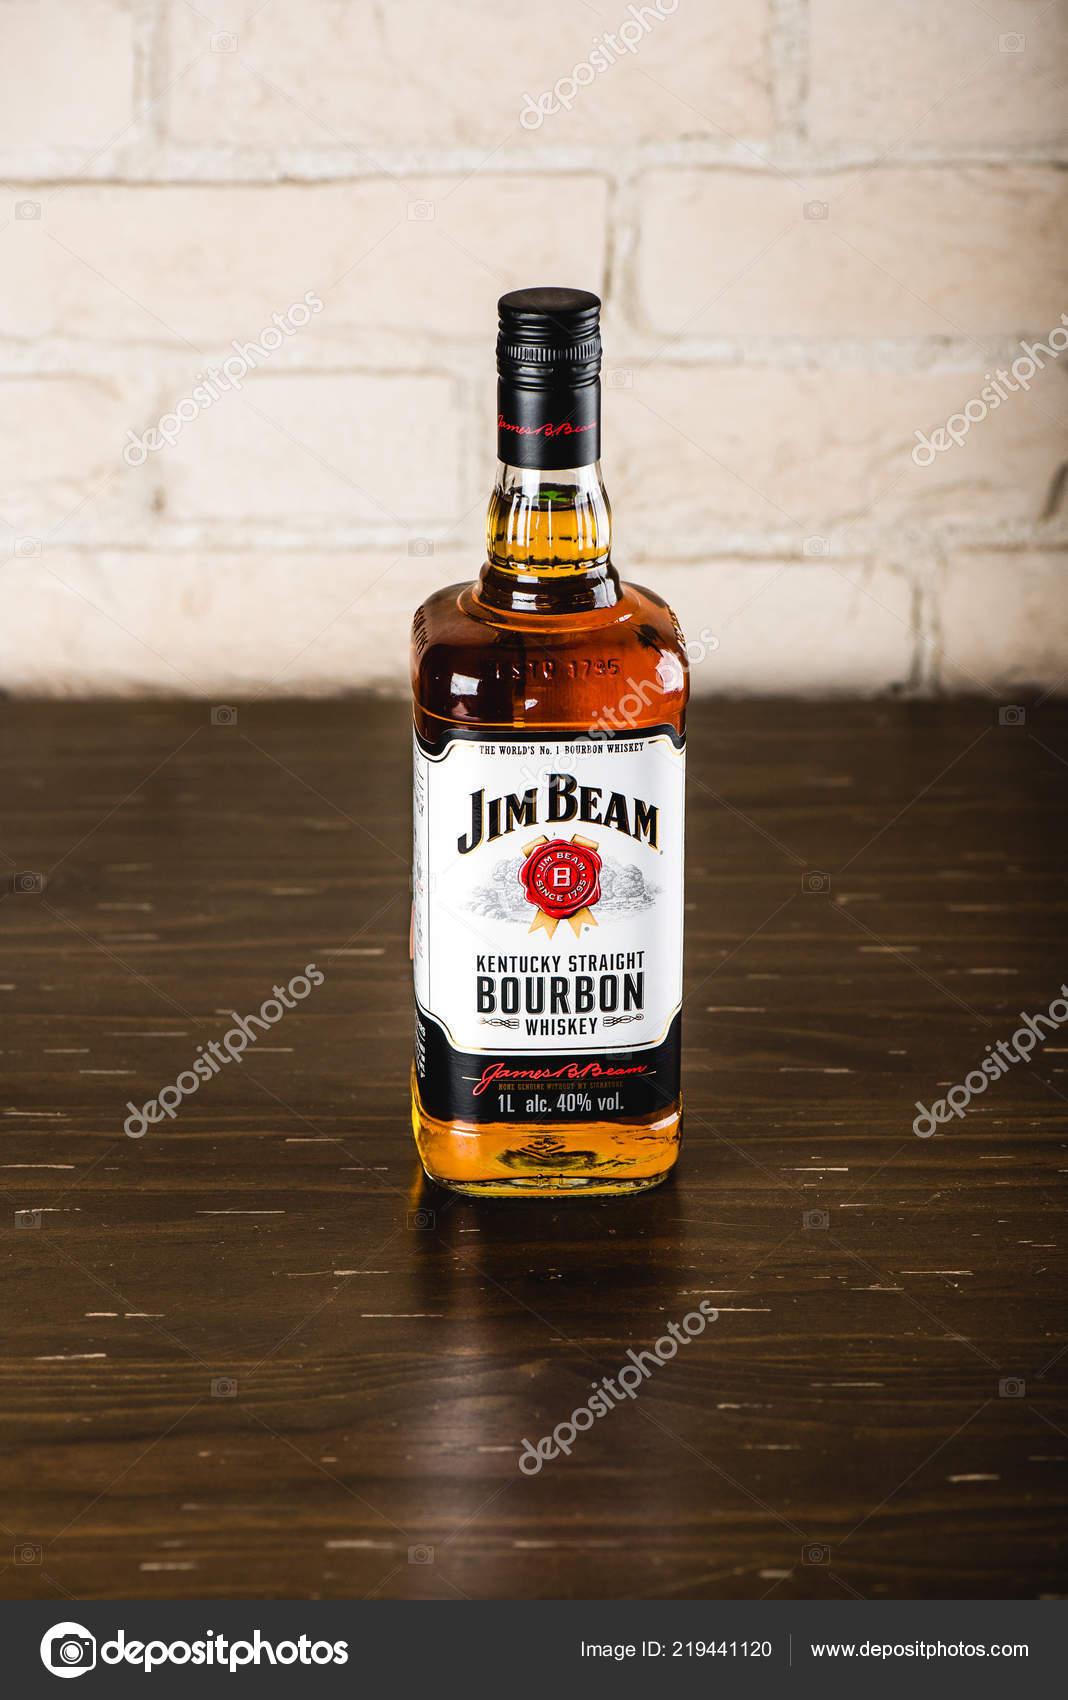 jim beam bourbon bottle wooden table jim beam famos brand stock